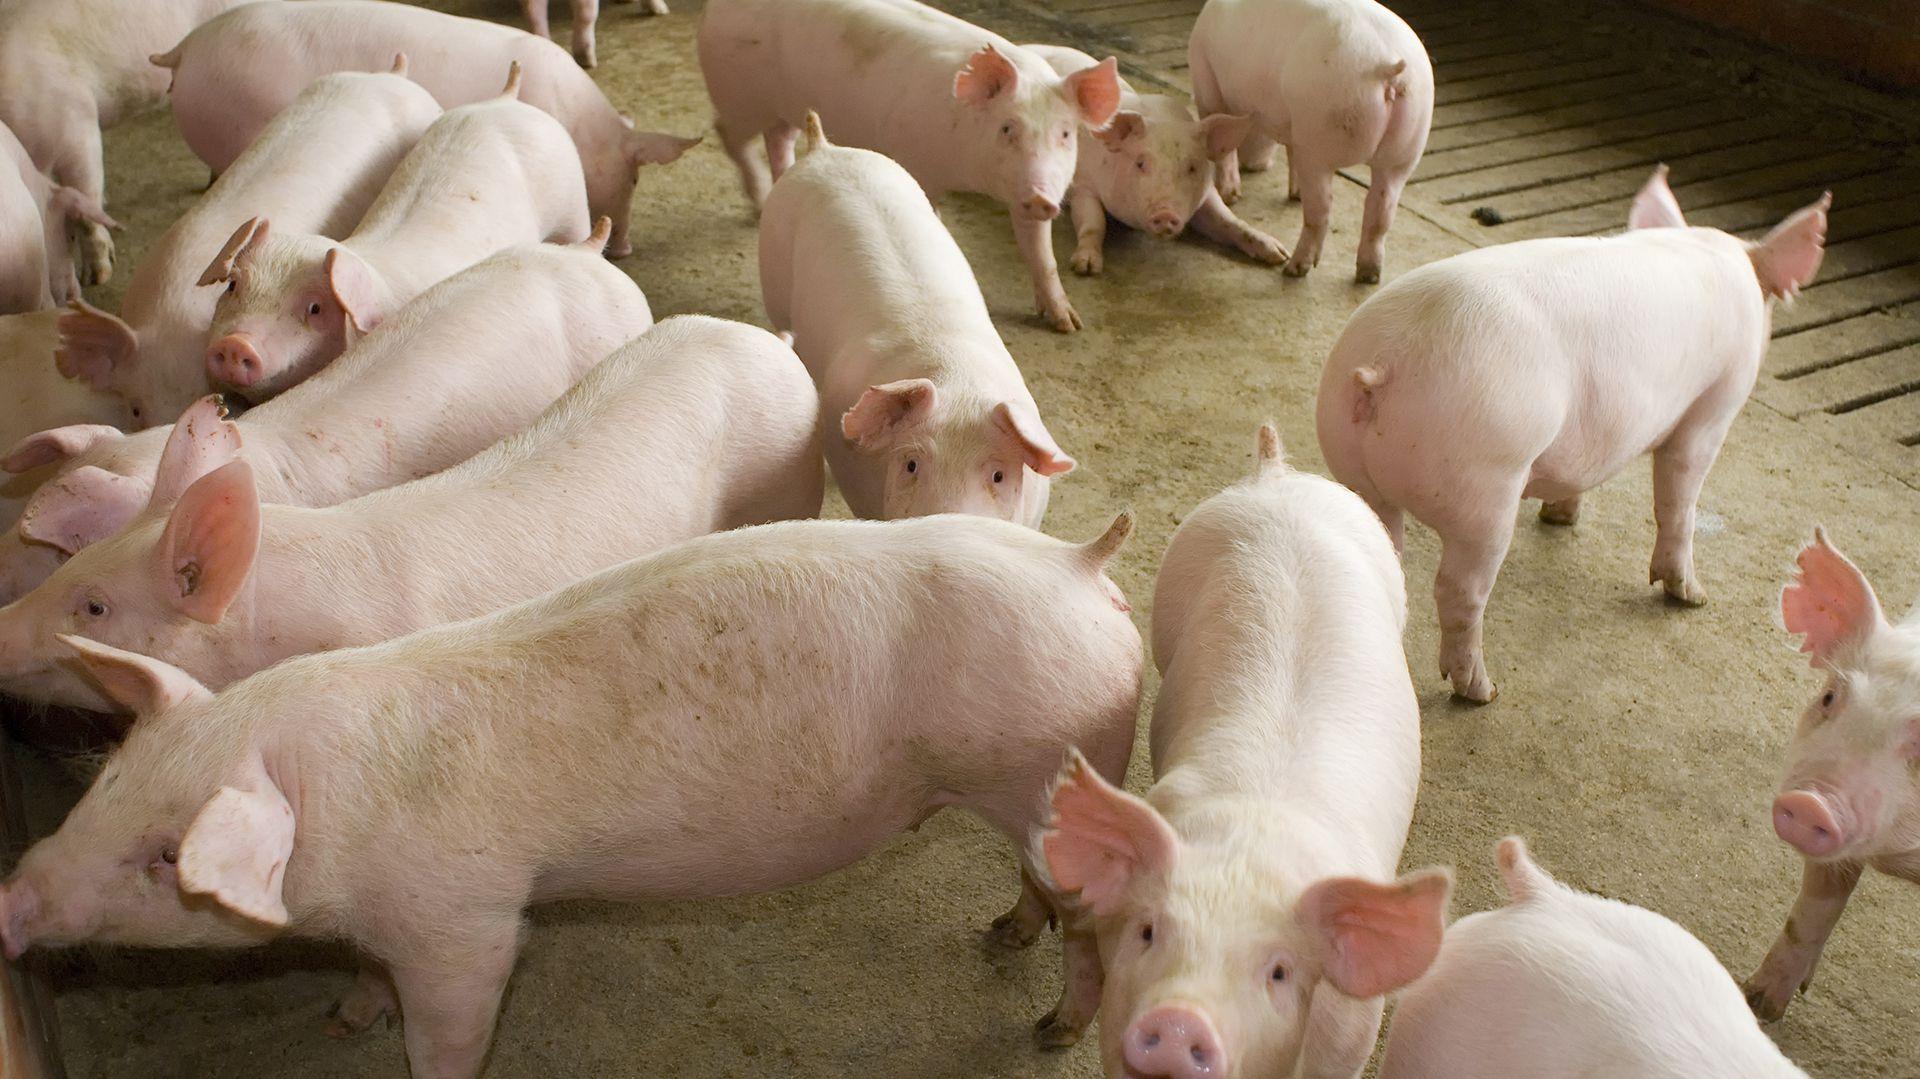 China busca recuperar las pérdidas que ocasionó en ese país la peste porcina africana. El impacto en el mercado mundial sobre los proyectos del gigante asiático ( Shutterstock )